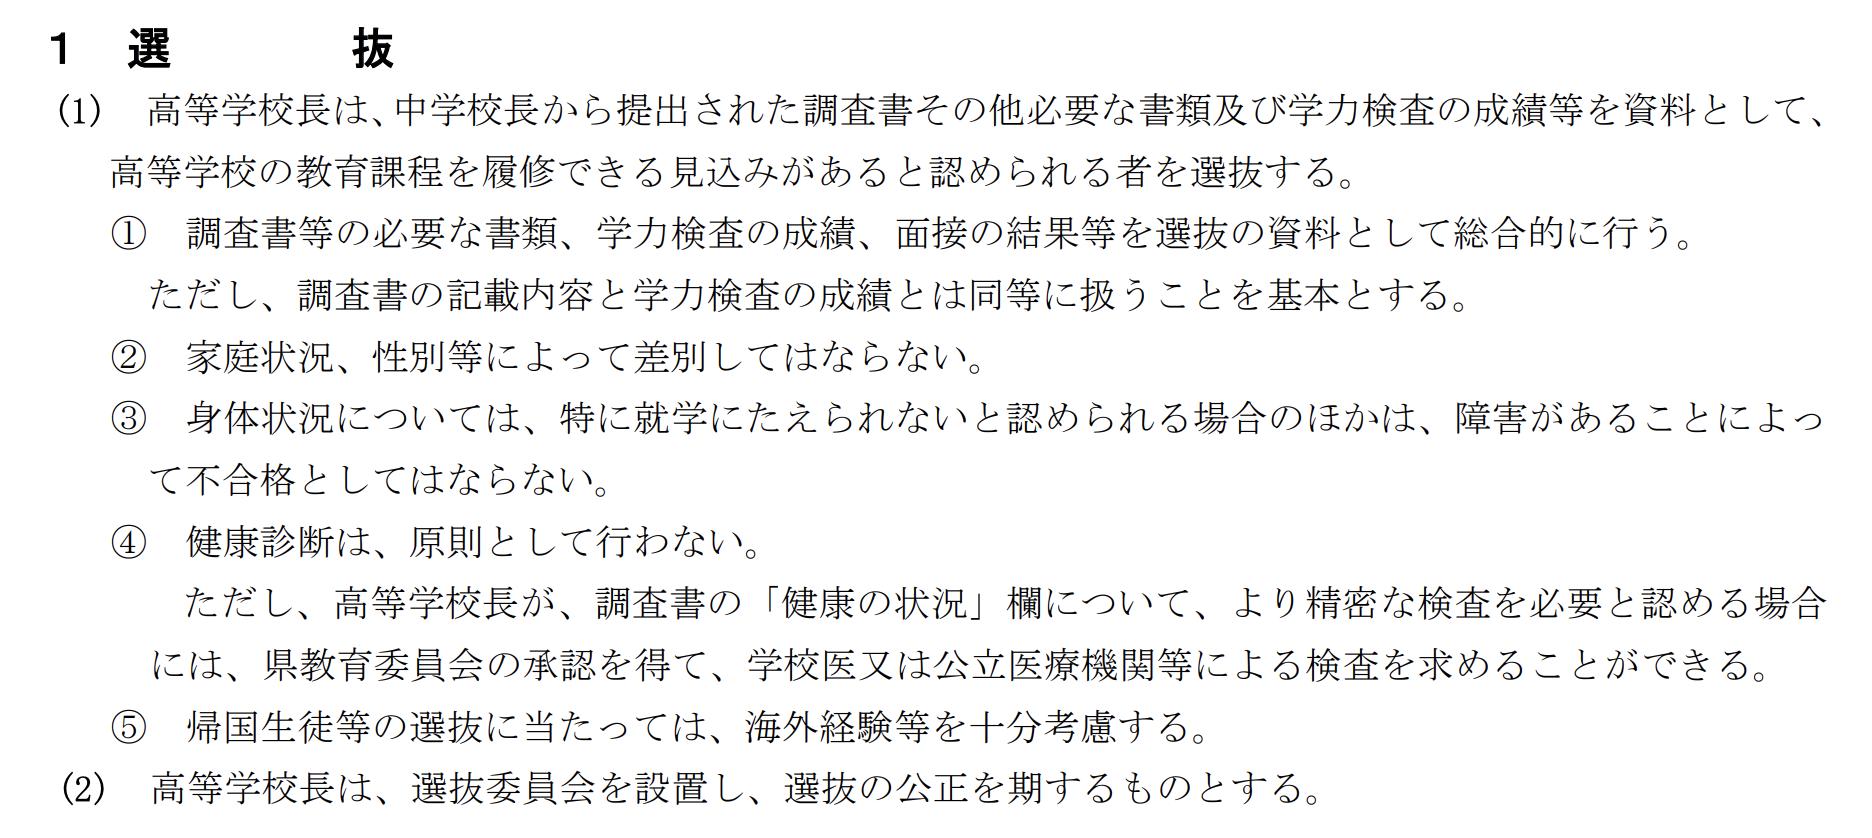 長崎県公立高校入試制度